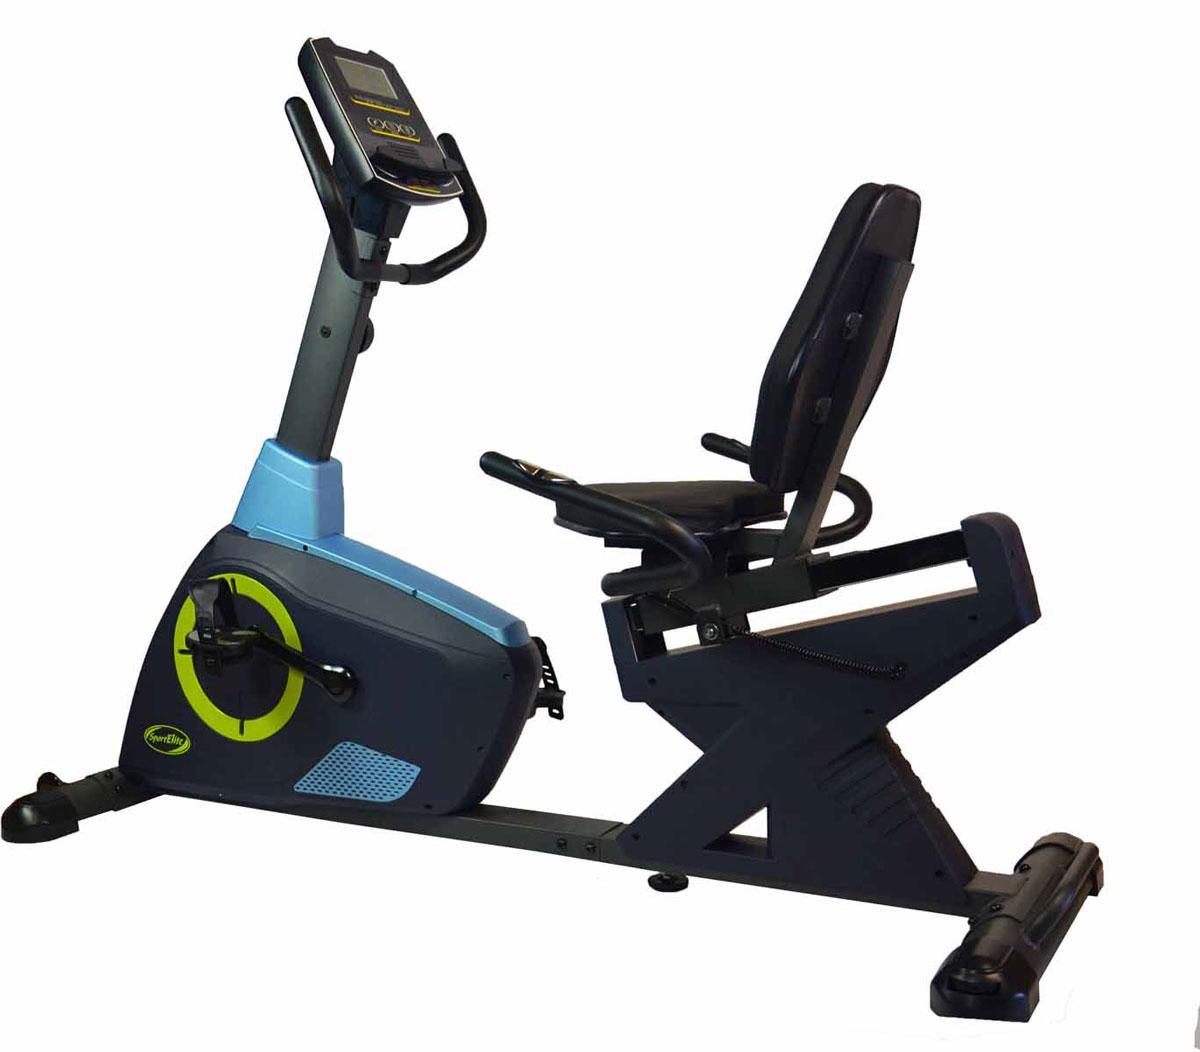 Велотренажер SportElite SE-503R, горизонтальныйSE-503RДавно доказано, что тренировки на велотренажёре с горизонтальной посадкой спортсмена эффективней традиционных вертикальных тренажёров. На подобных домашних тренажёрах тренирующийся сбрасывает вес в два раза быстрее благодаря комфортной посадке. Кроме того, на горизонтальном велотренажёре отсутствует не желательная нагрузка на позвоночник и дополнительно включается пресс. Горизонтальный велотренажёр Sport Elite-503R отлично подойдёт для восстановления после травмы, для пожилых людей. Магнитная система изменения нагрузки 8 уровней. Широкое удобное кресло со спинкой, мягкие ручки на руле и рядом с сидением. Удобный компьютер с крупными обозначениями на дисплее. Датчики измерения пульса на ручках рядом с сидением. Регулировка расстояния от сидения до педалей/руля. Регулировка ножек. Транспортировочные ролики. Инновационная форма компьютера позволяет использовать его в качестведержателя для телефона/планшета/МР3 плеера. Сканирующий режим работы компьютера: пульс, дистанция, время, скорость, потраченные калории, скан, оценка восстановления, одометр.Основные характеристикиИспользование: домашнееТип: горизонтальныйСистема нагрузки: магнитнаяМаксимальный вес пользователя: 150 кгВелоэргометр: НетИзмерение пульса: сенсорные датчикиКоличество уровней нагрузки: 8Монитор и программыКонсоль: LCD дисплей с крупным обозначением на дисплееПоказания консоли: Пульс, дистанция, время, скорость, потраченные калории, скан, оценка восстановления, одометрКоличество программ: нетСпециальные программные возможности: нетДополнительные характеристикиТранспортировочные ролики: ДаРама: СтальнаяВозможность программирования тренировки: НетРегулировка руля: НетРегулировка положения сидения по горизонтали Сидение: Комфорт, 60 ммПитание: Не требует подключения к сетиГабариты и вес тренажераВес тренажера: 50 кгВес в упаковке:58кгГабариты тренажера: 182х 73х 123 смСтрана производитель: КитайГарантия: 18 месяцев